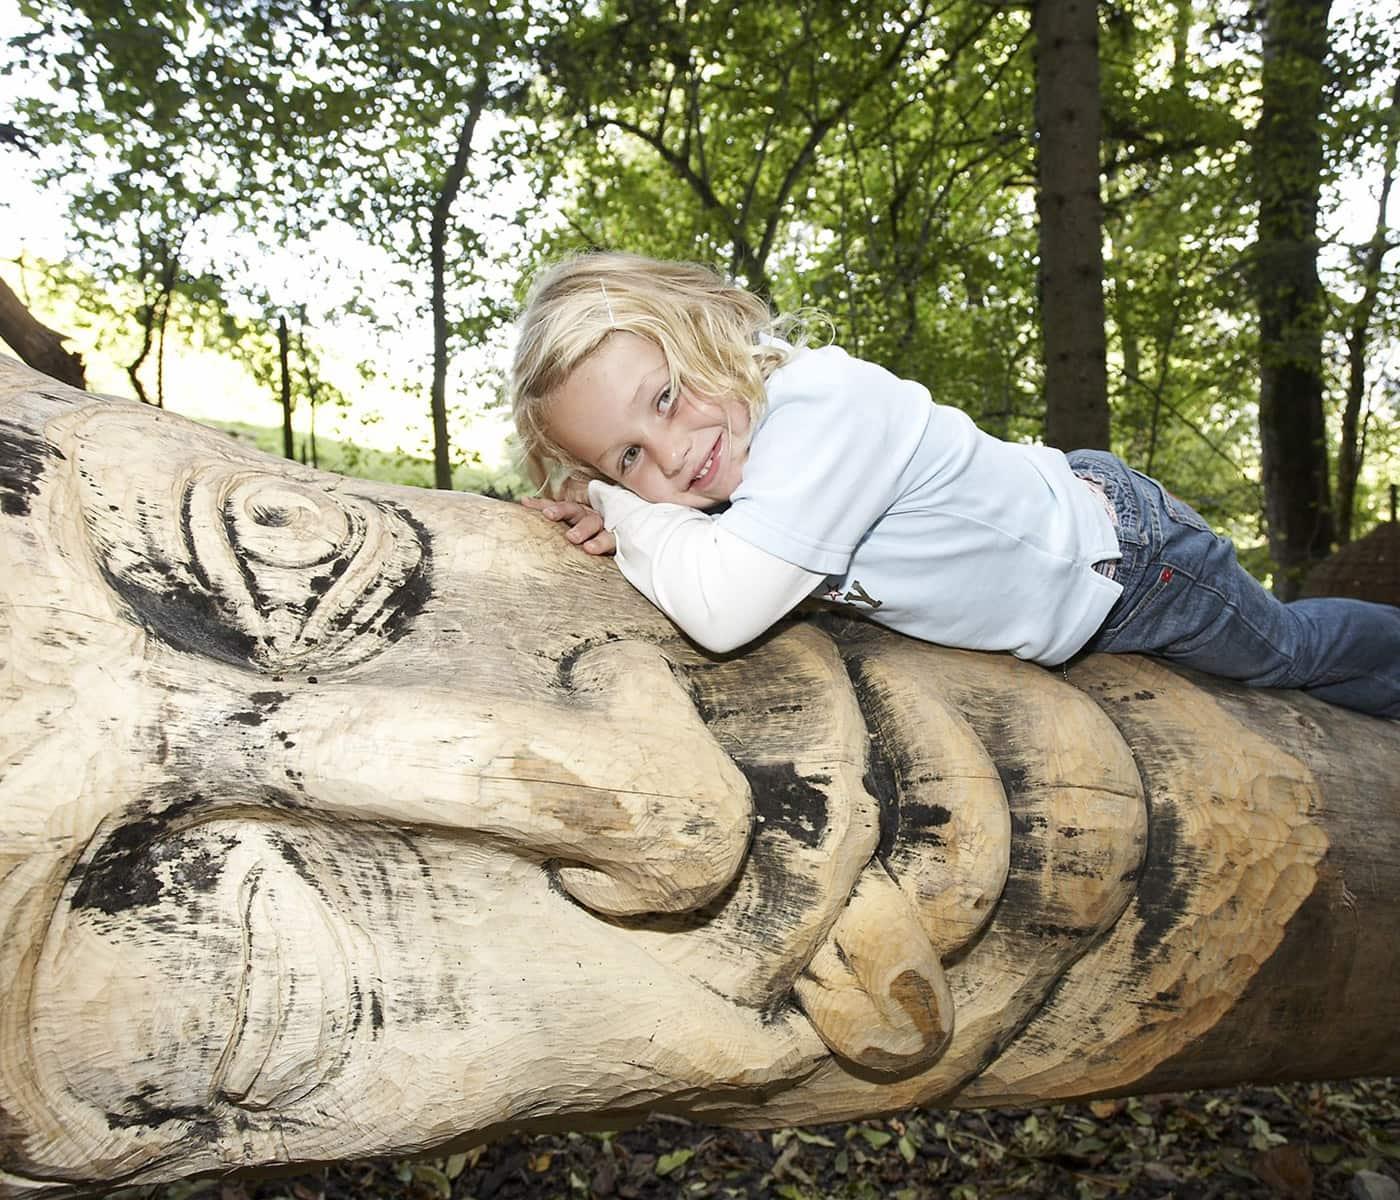 Natur und Märchenwelten erleben mit kleinen Kindern: Märchenerlebnispark im Chiemgau // HIMBEER